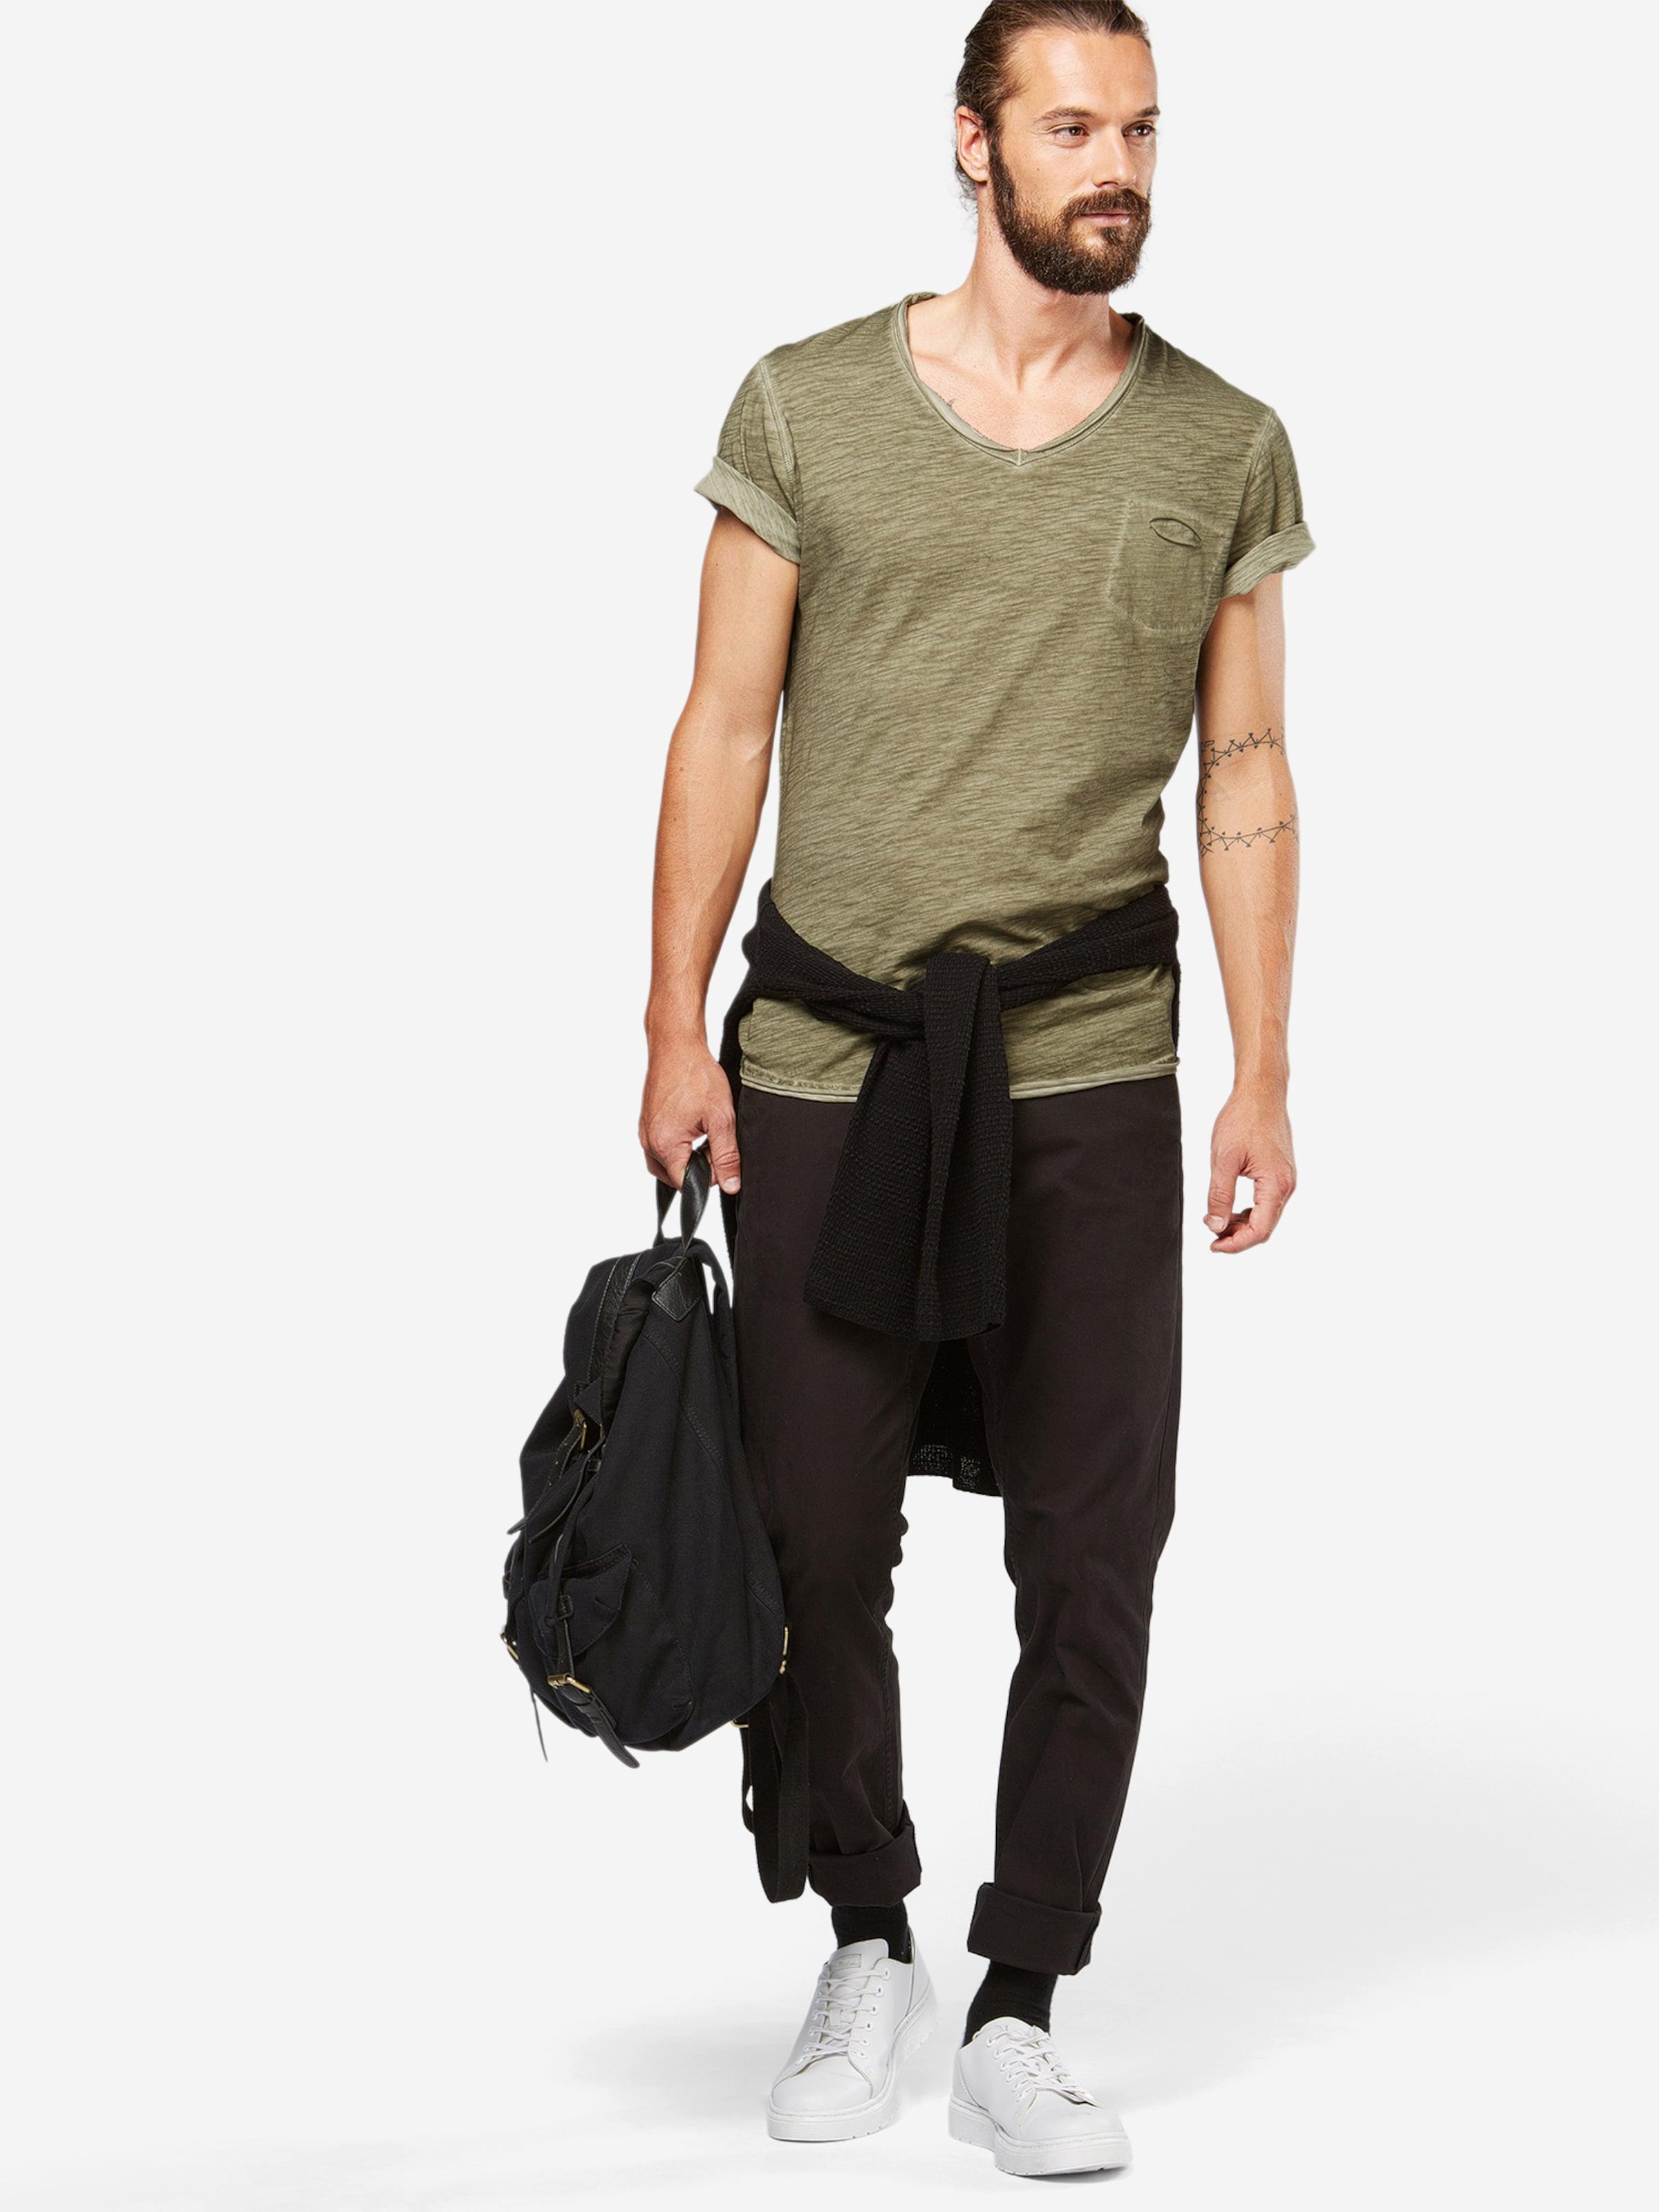 Largo T Grün ausschnitt In Key shirt V Mit SMpqUzVG